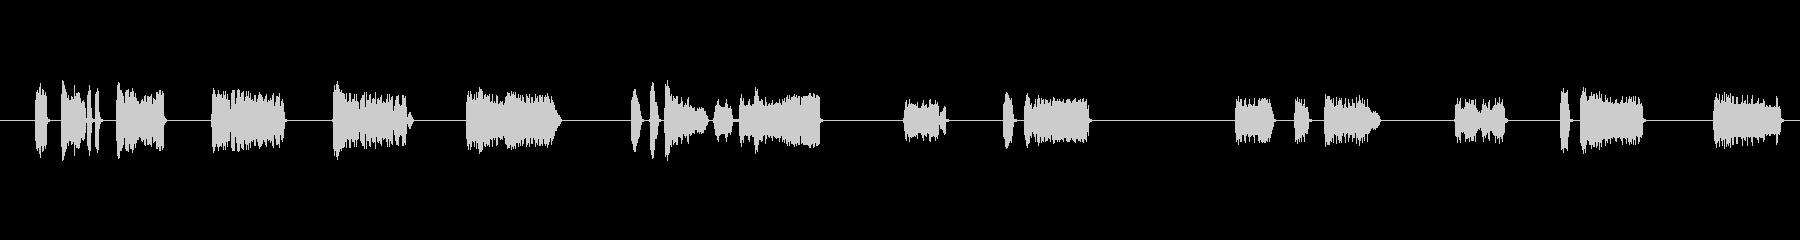 小鳥笛3水笛お祭り屋台歌舞伎和風下座壊れの未再生の波形